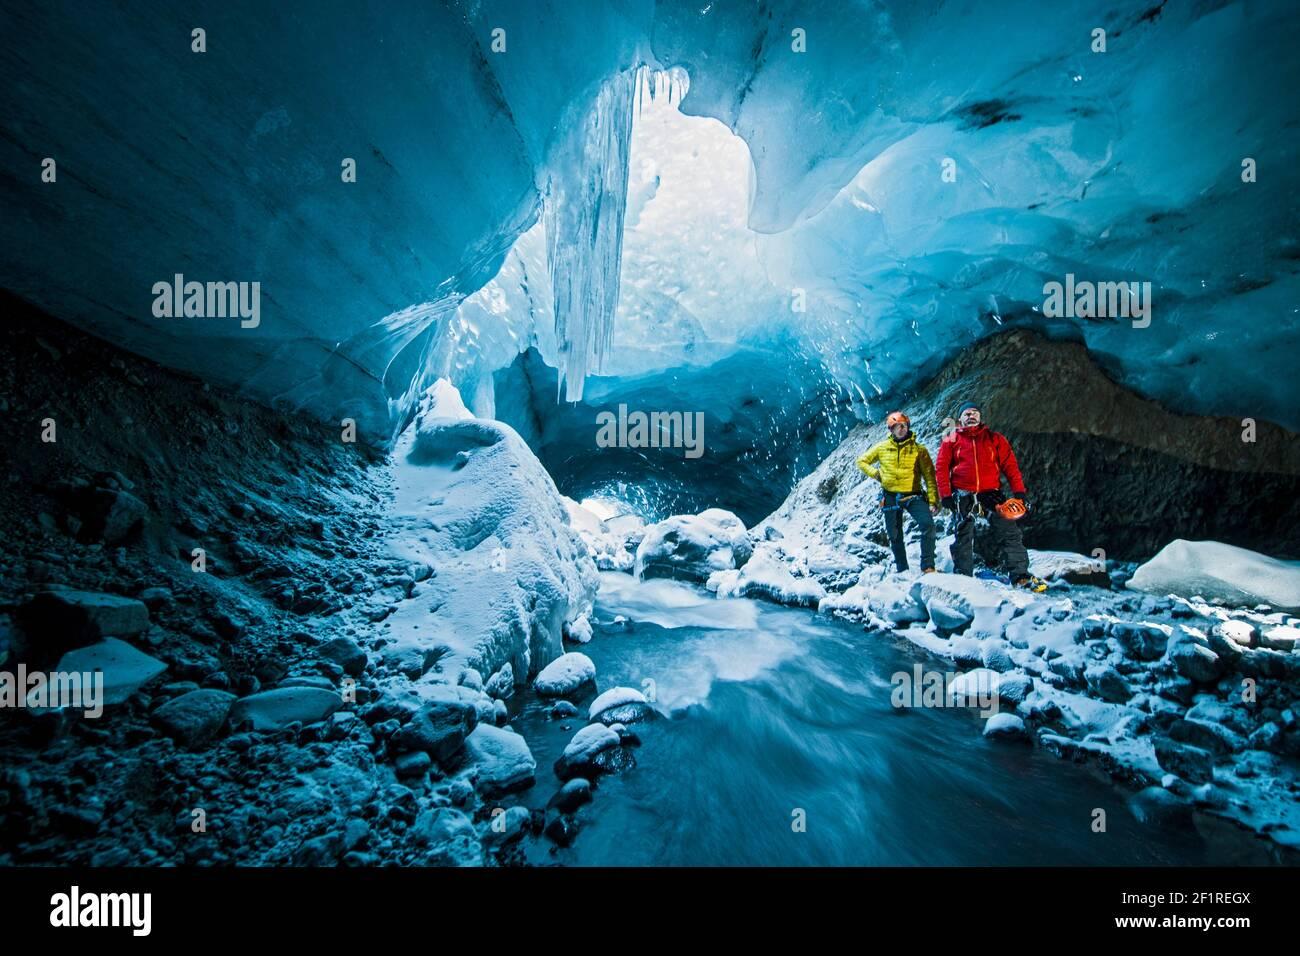 Hombres explorando la cueva de hielo en Thórsmörk - Islandia Foto de stock